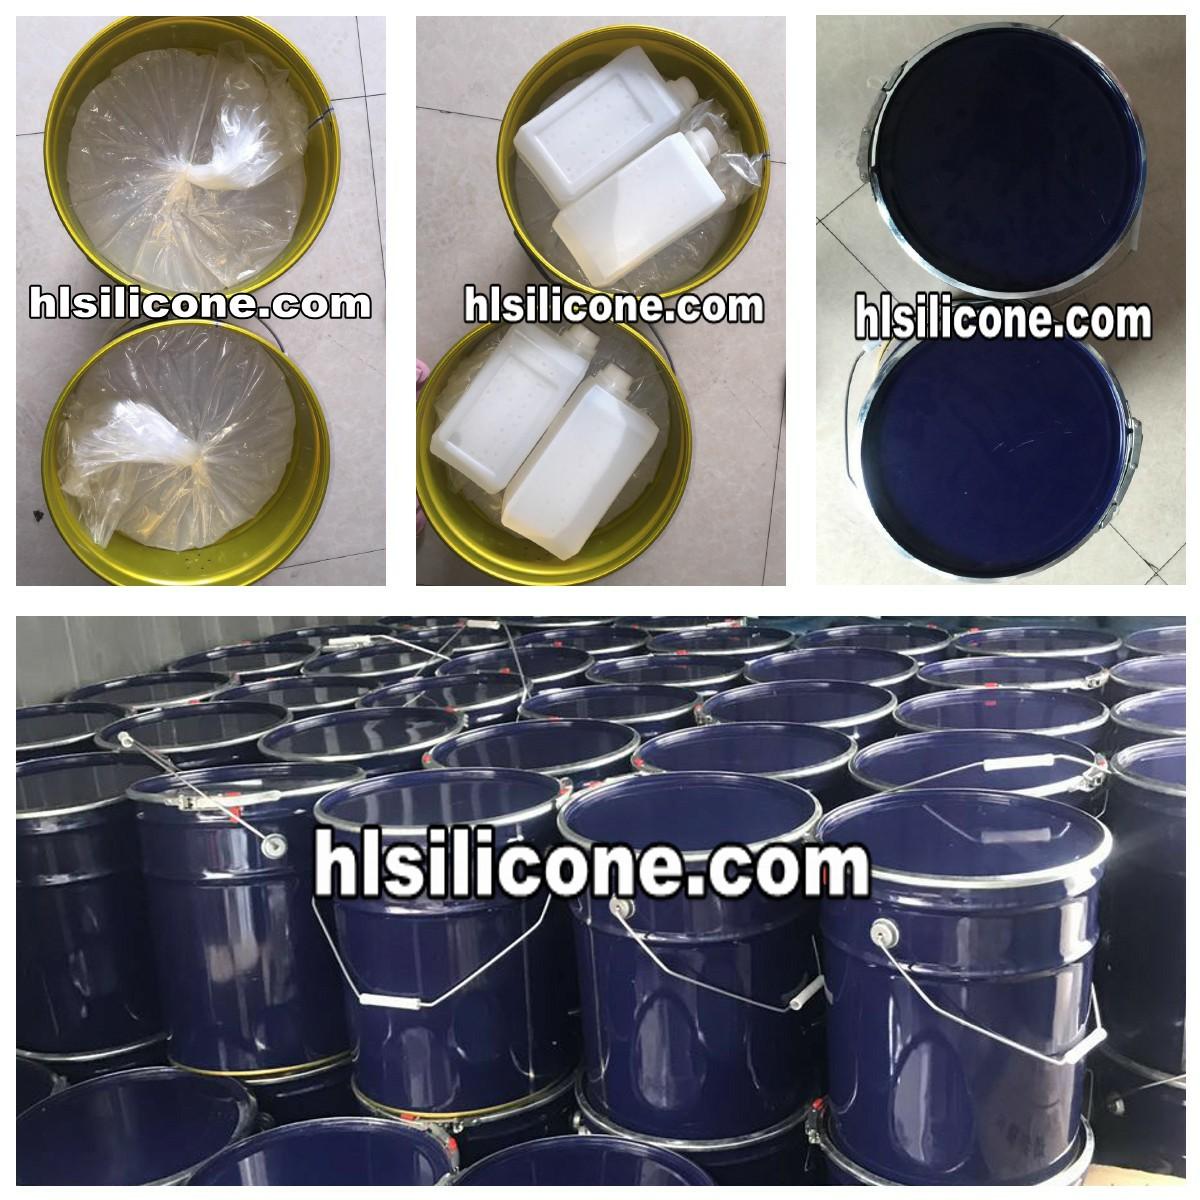 高透明液状シリコーンゴムエンボス加工のため布作る FDA グレード安全接触皮膚 2 コンポーネント siicone ゴム